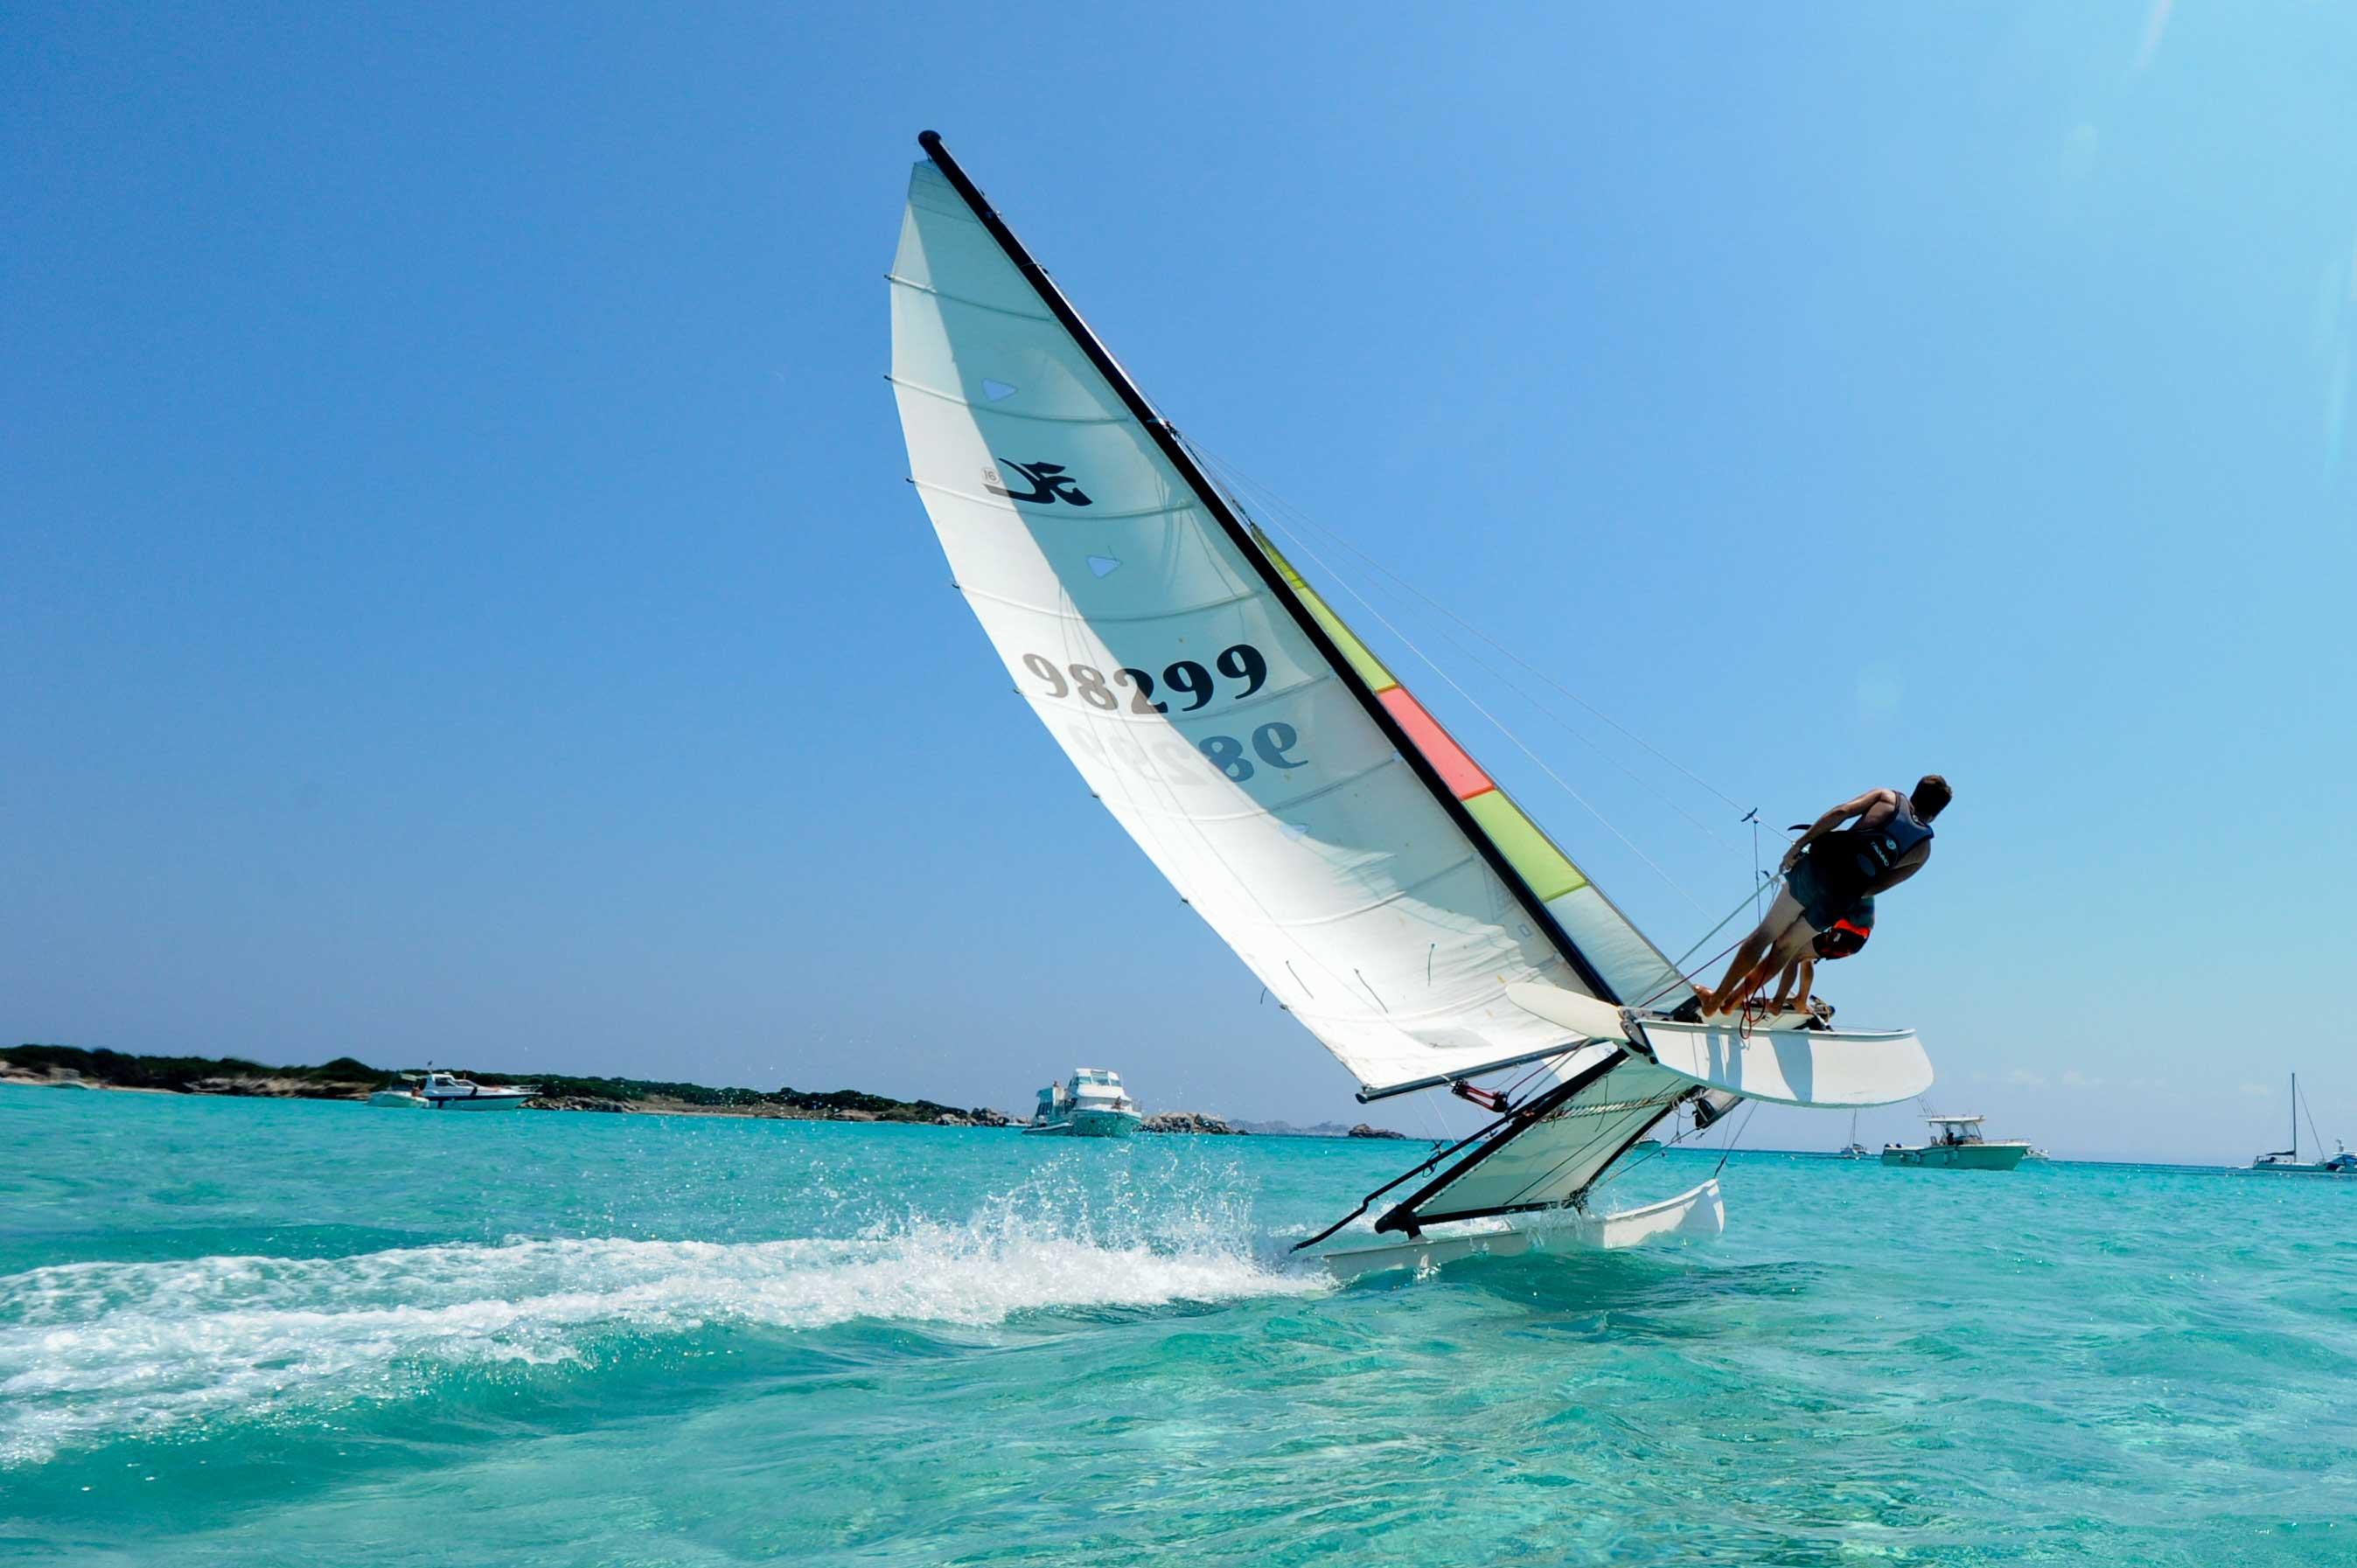 Club de voile de bonifacio plong e activit s nautiques - Voile de forcage au metre ...